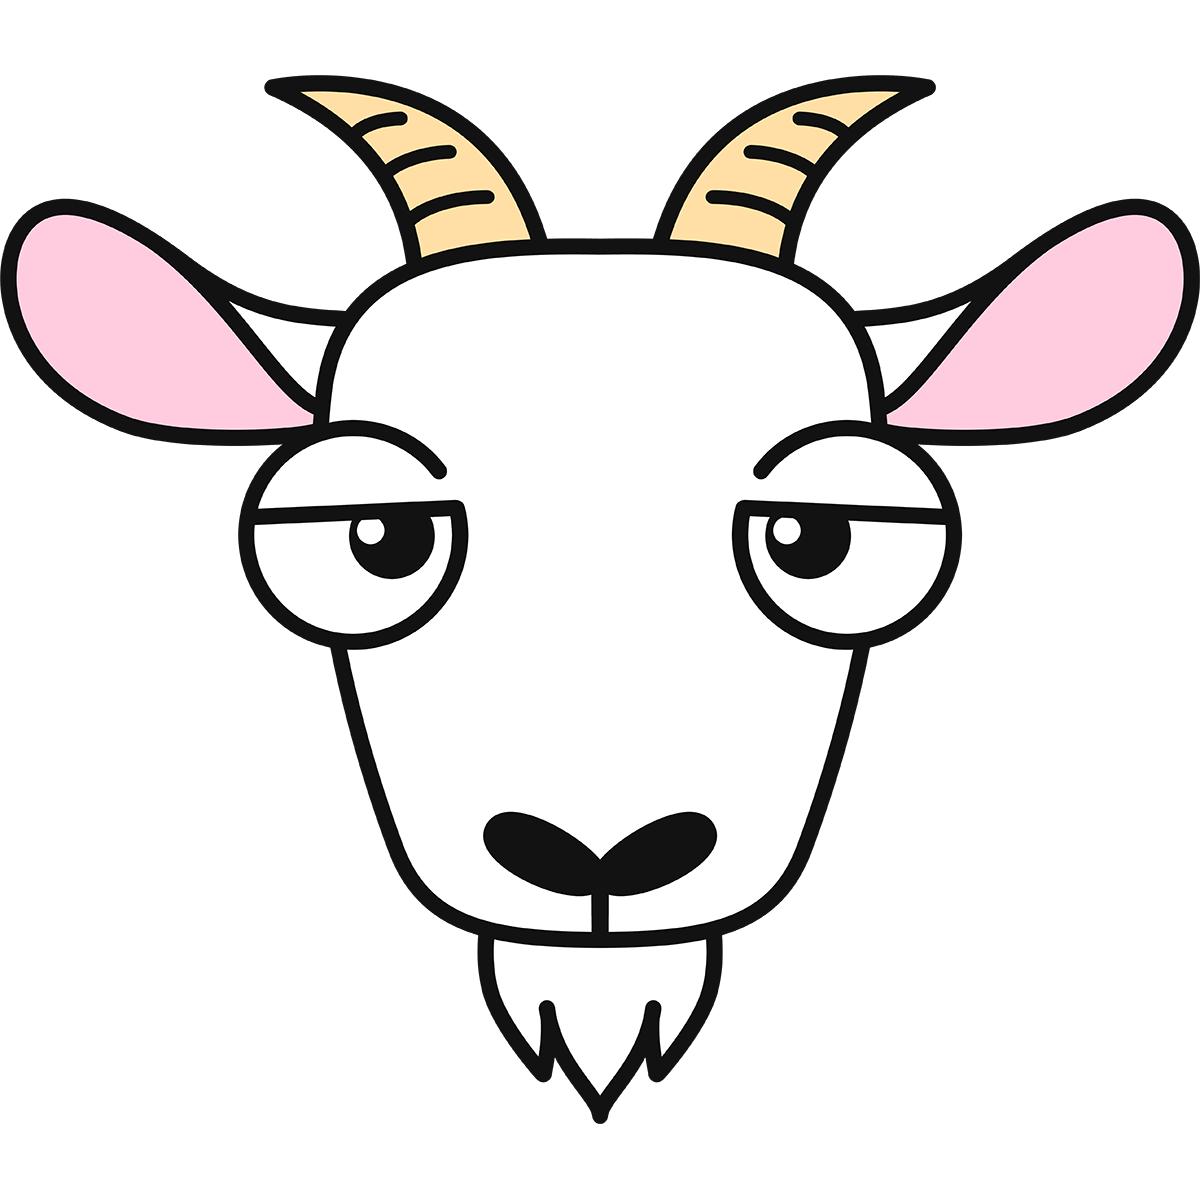 ヤギの顔の無料イラスト